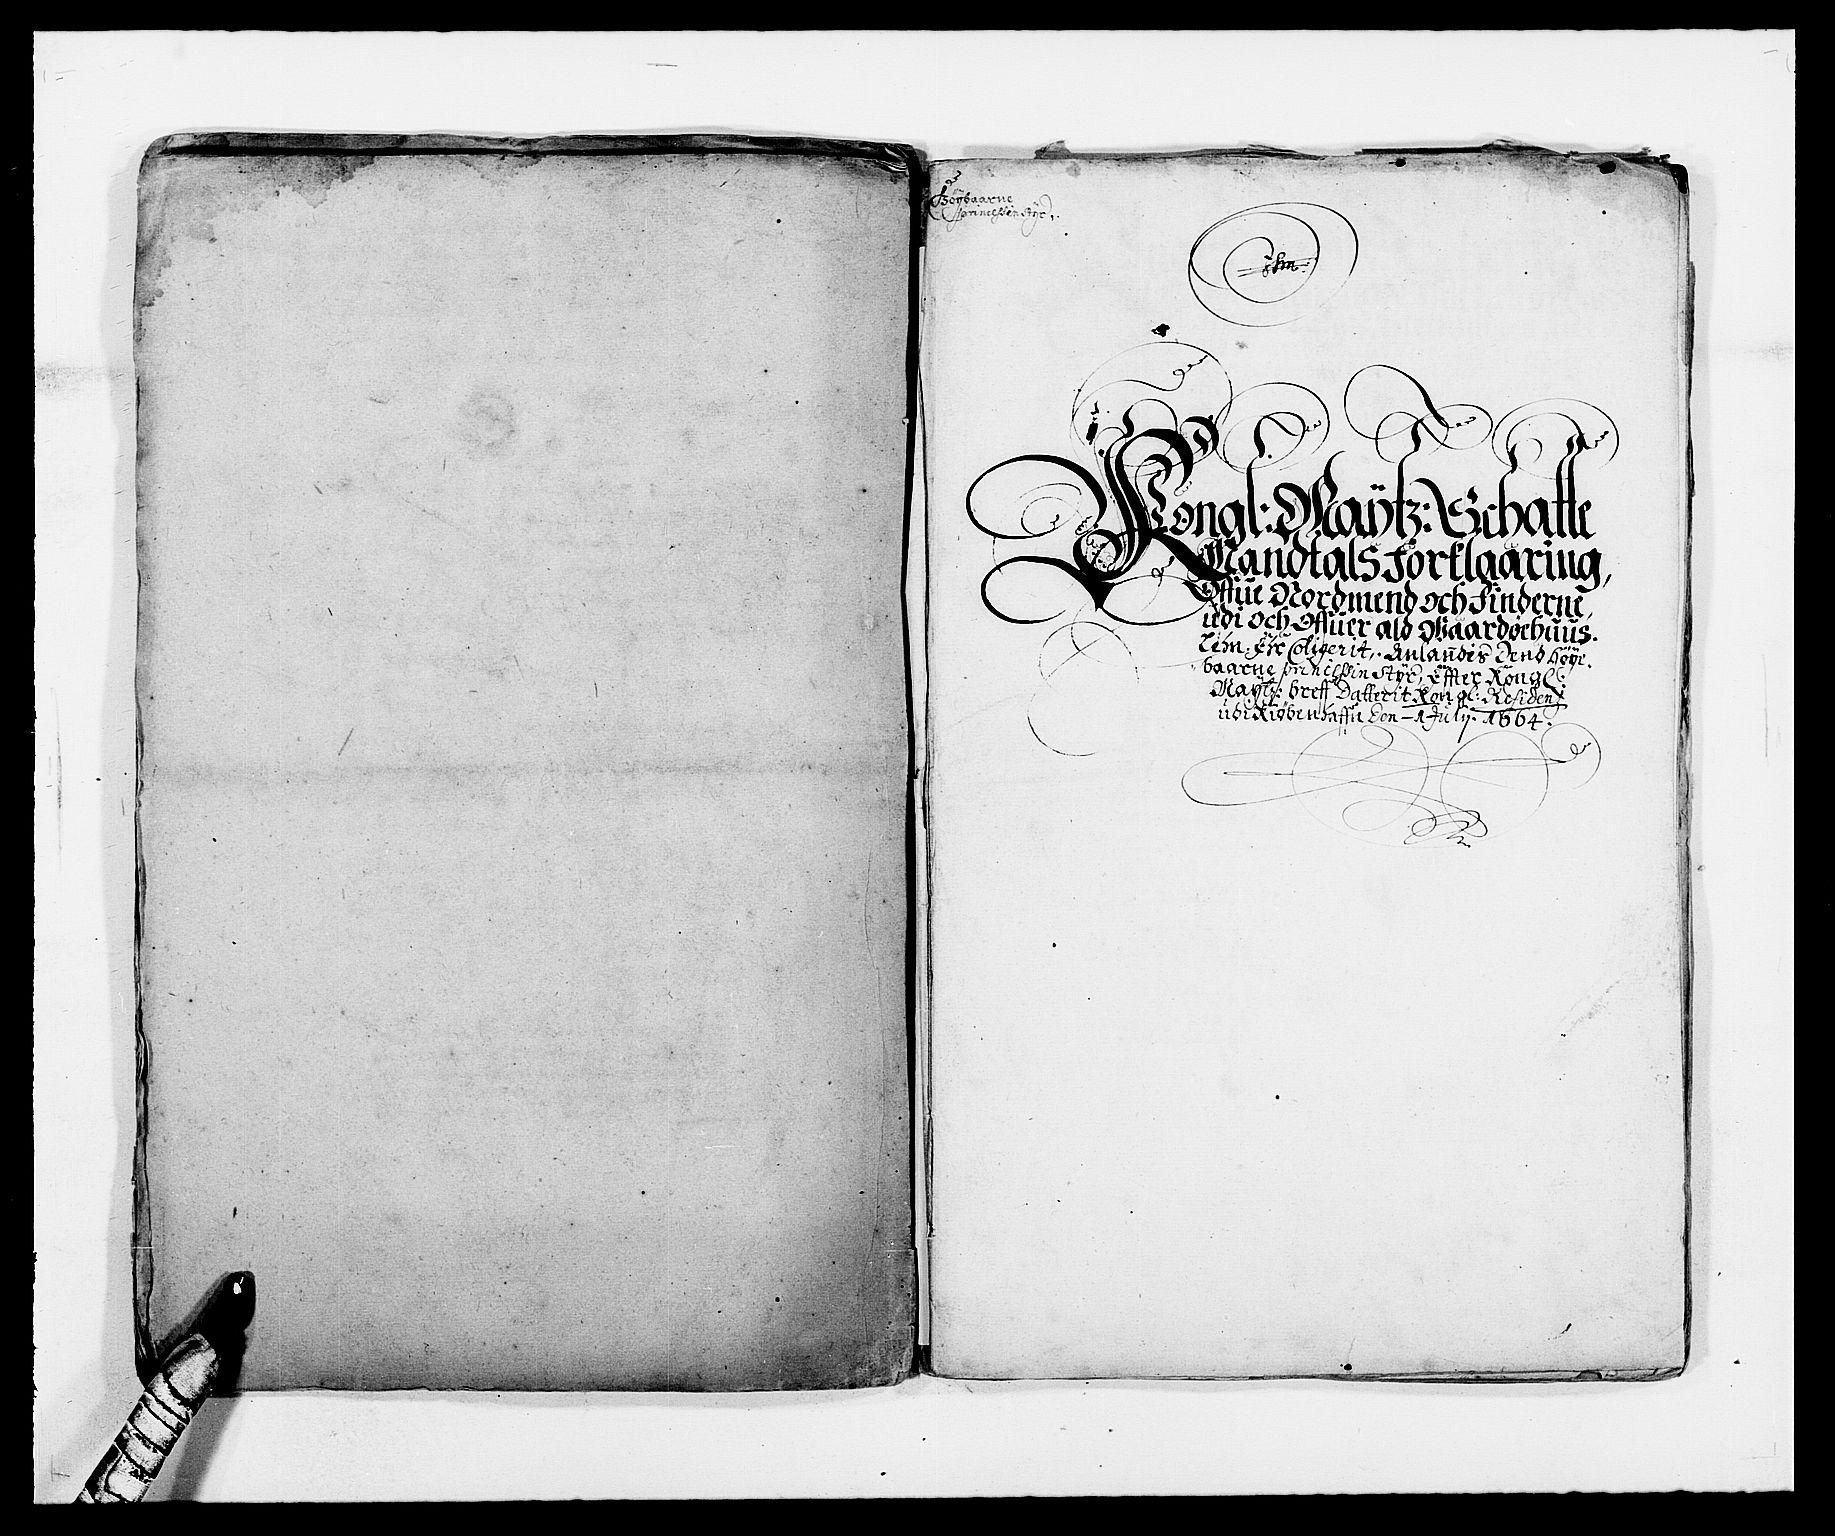 RA, Rentekammeret inntil 1814, Reviderte regnskaper, Fogderegnskap, R69/L4849: Fogderegnskap Finnmark/Vardøhus, 1661-1679, s. 144